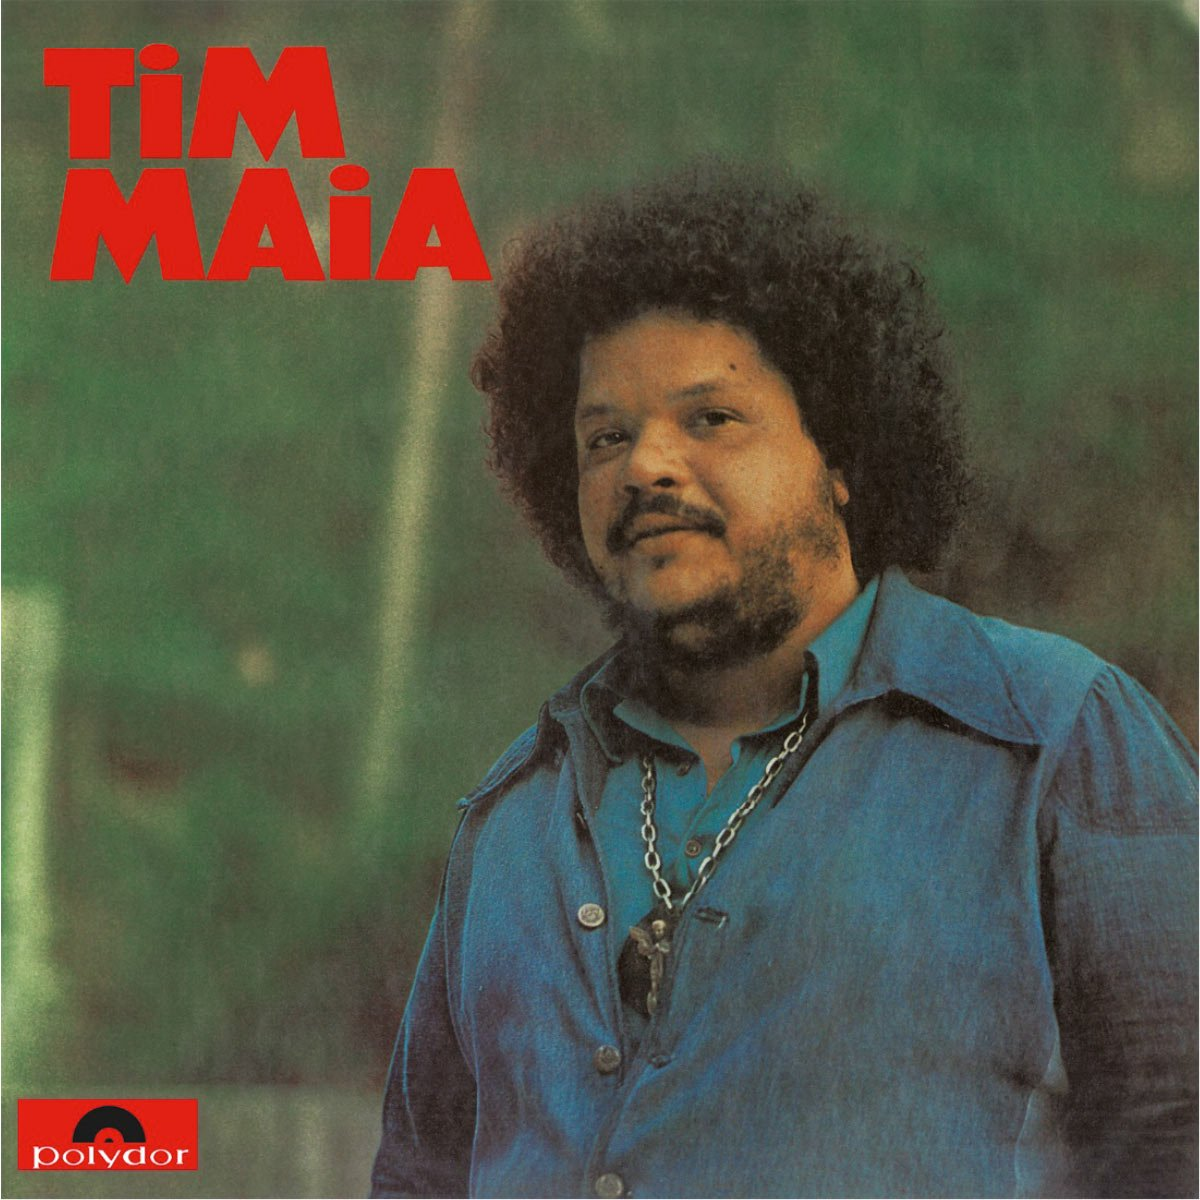 Tim Maia Album